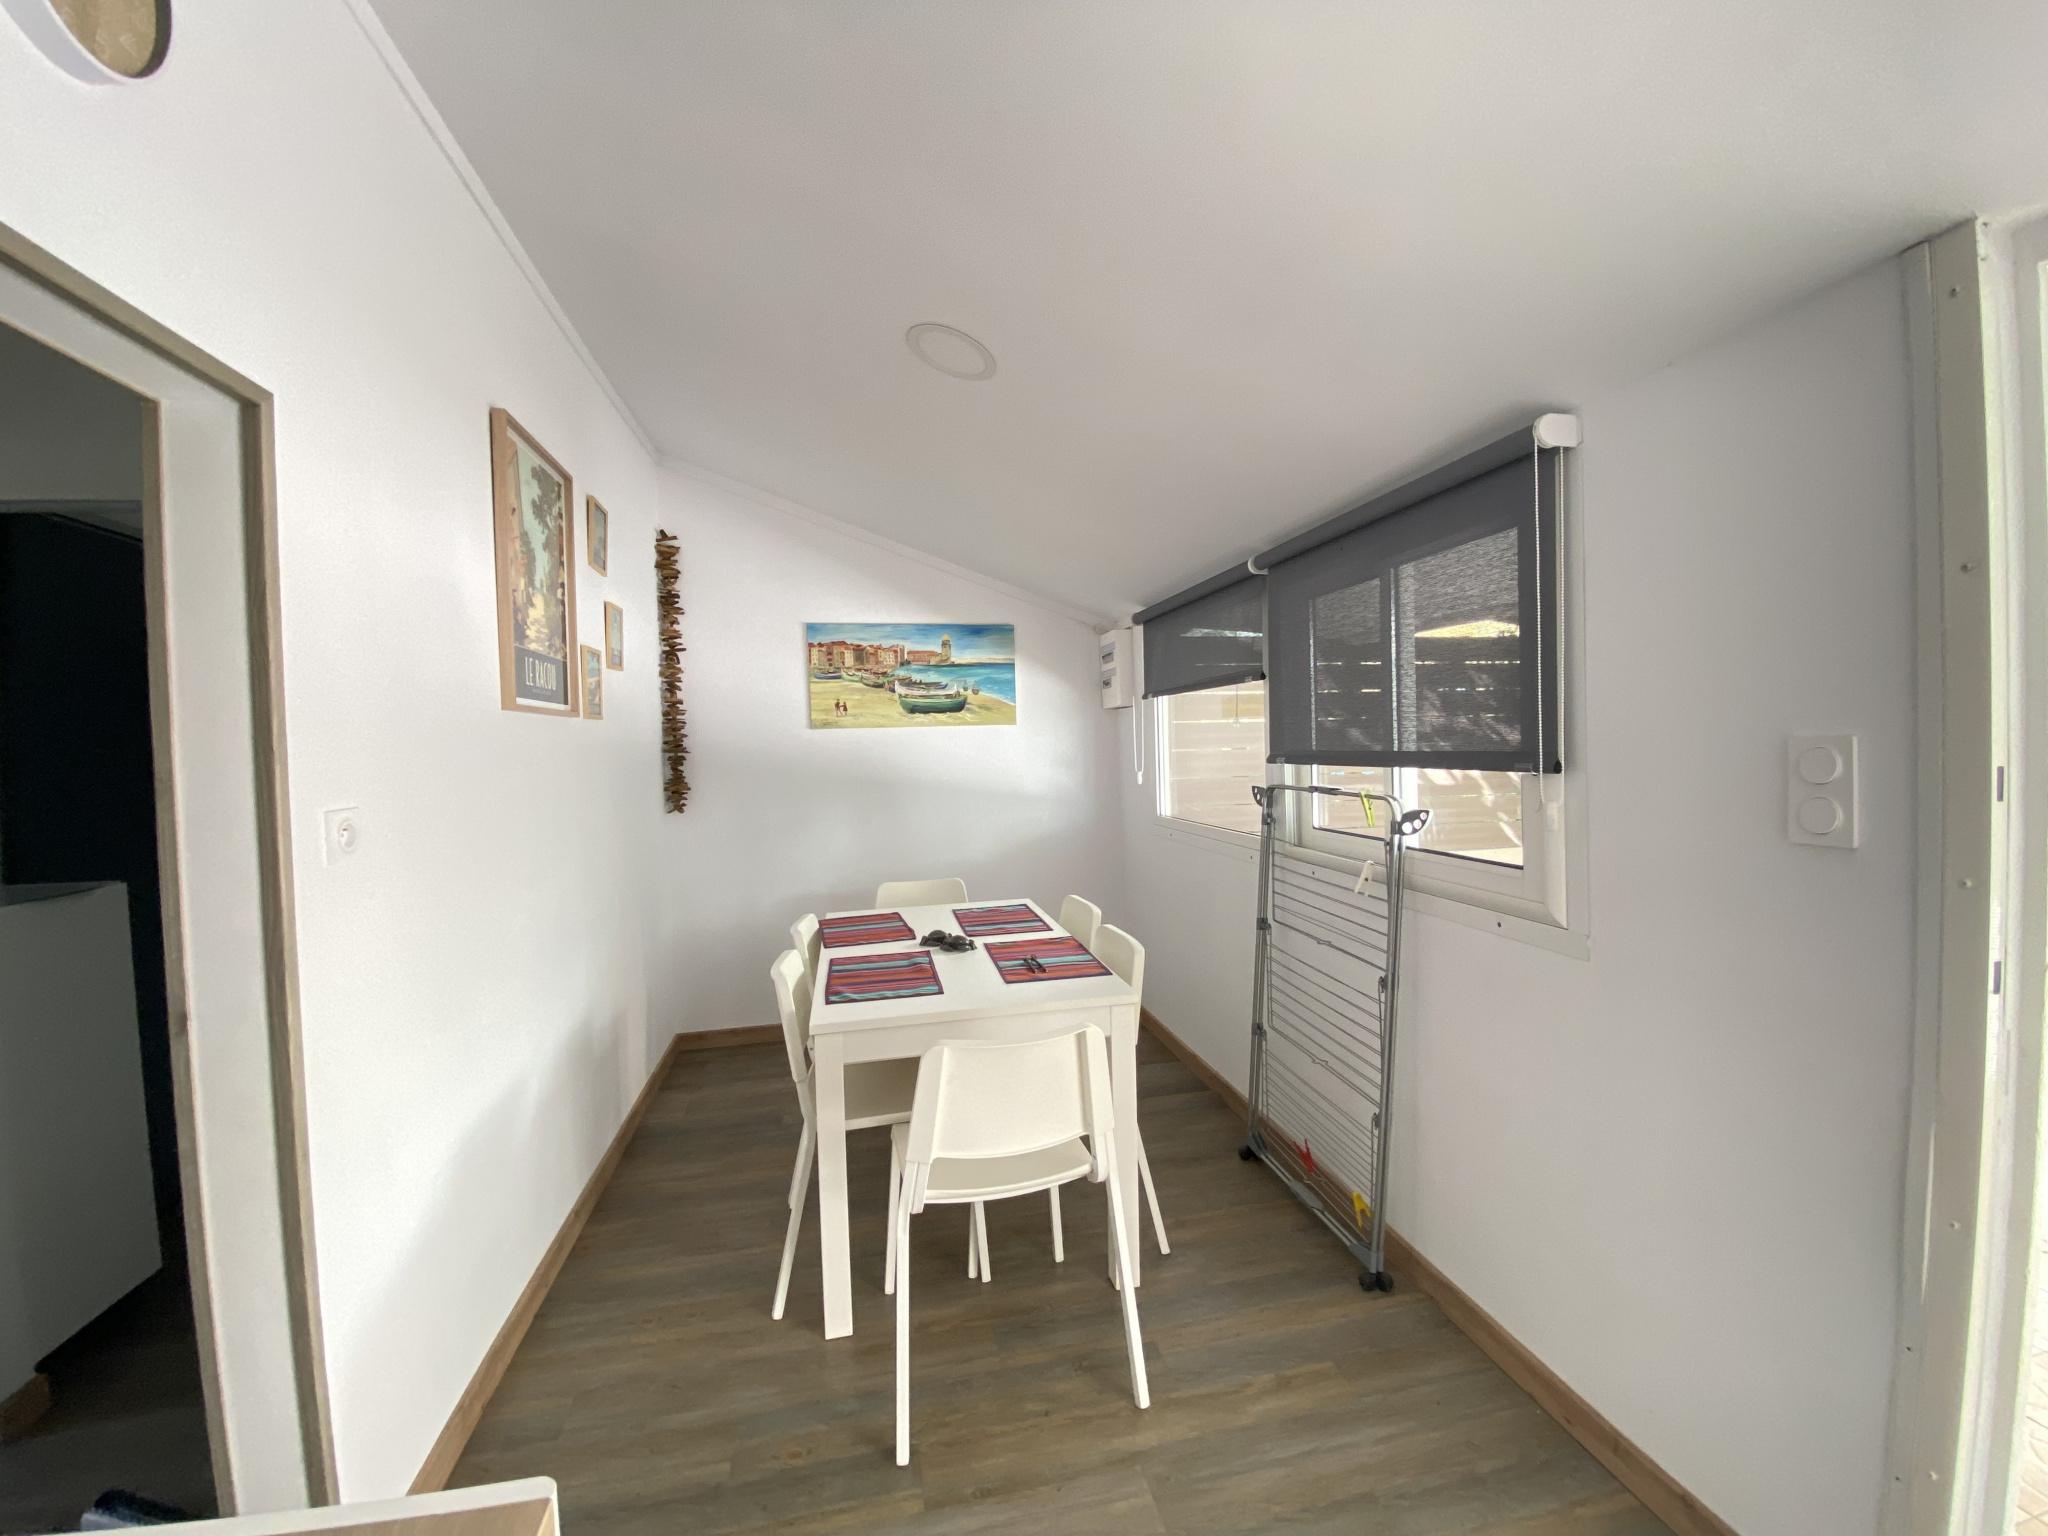 À vendre maison/villa de 34m2 à argeles sur mer (66700) - Photo 2'